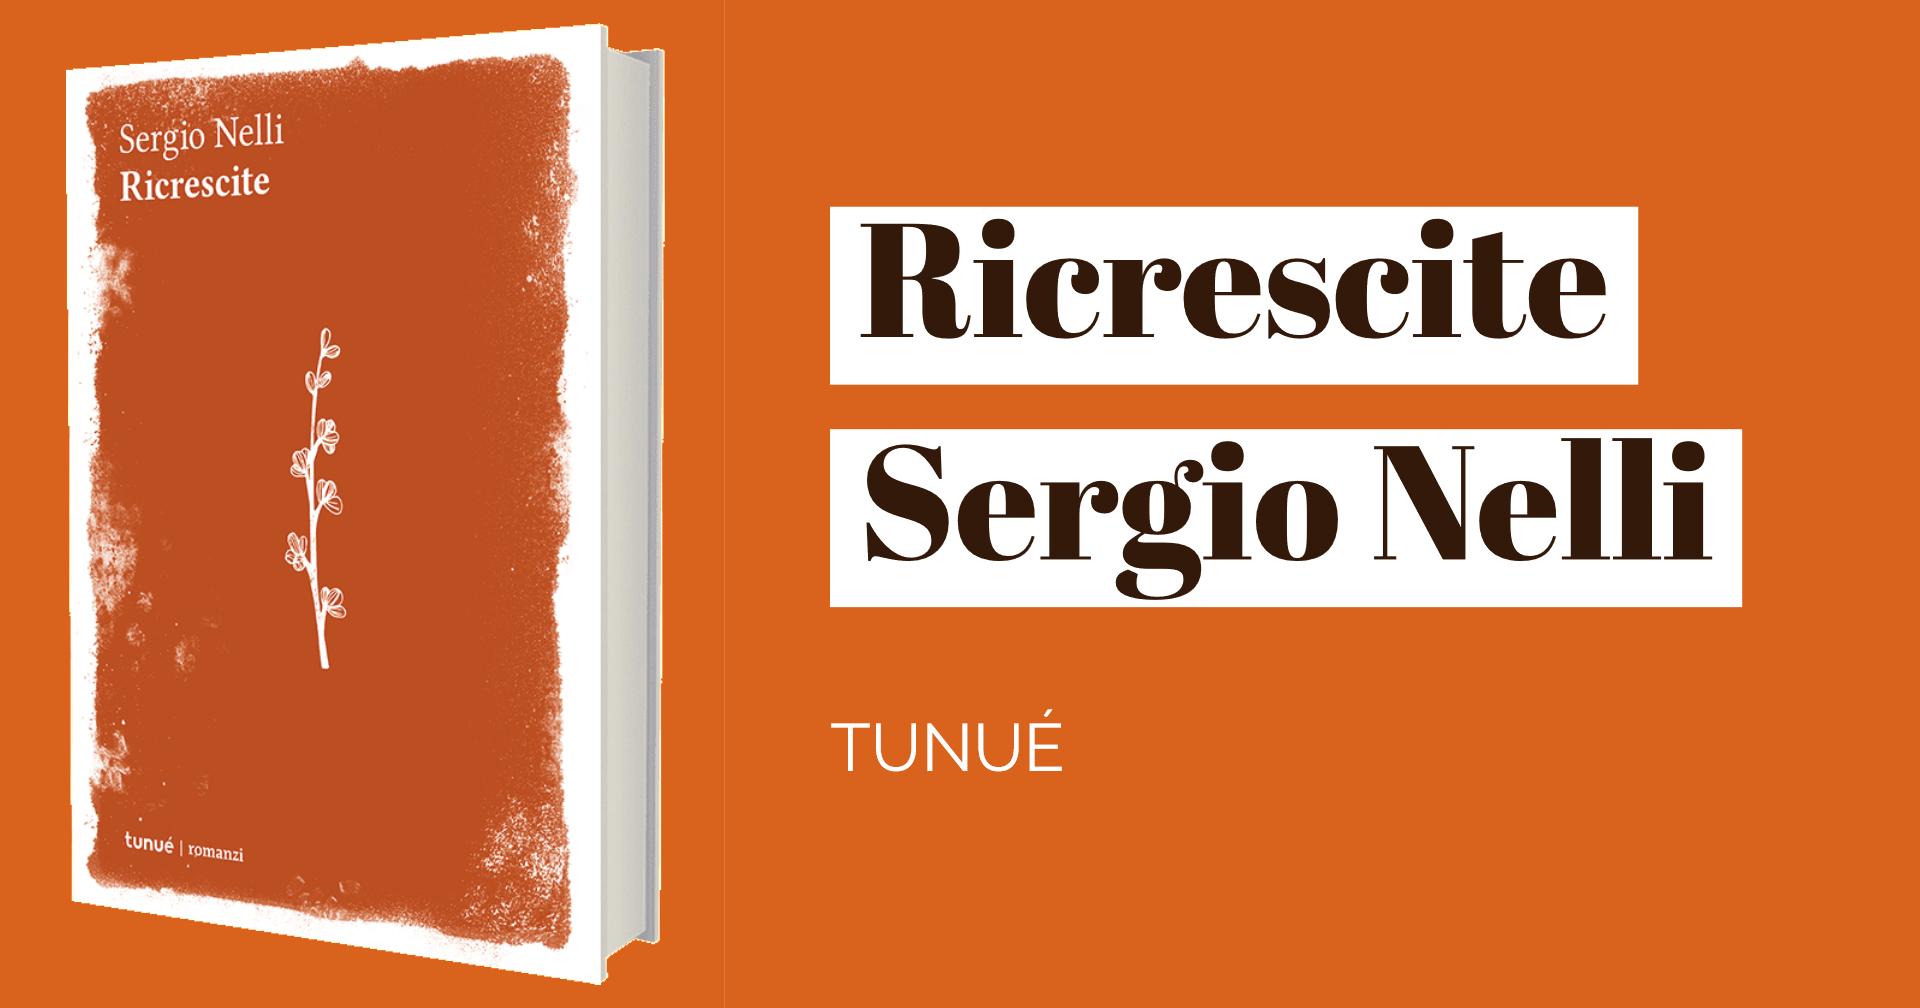 Sergio Nelli - Ricrescite